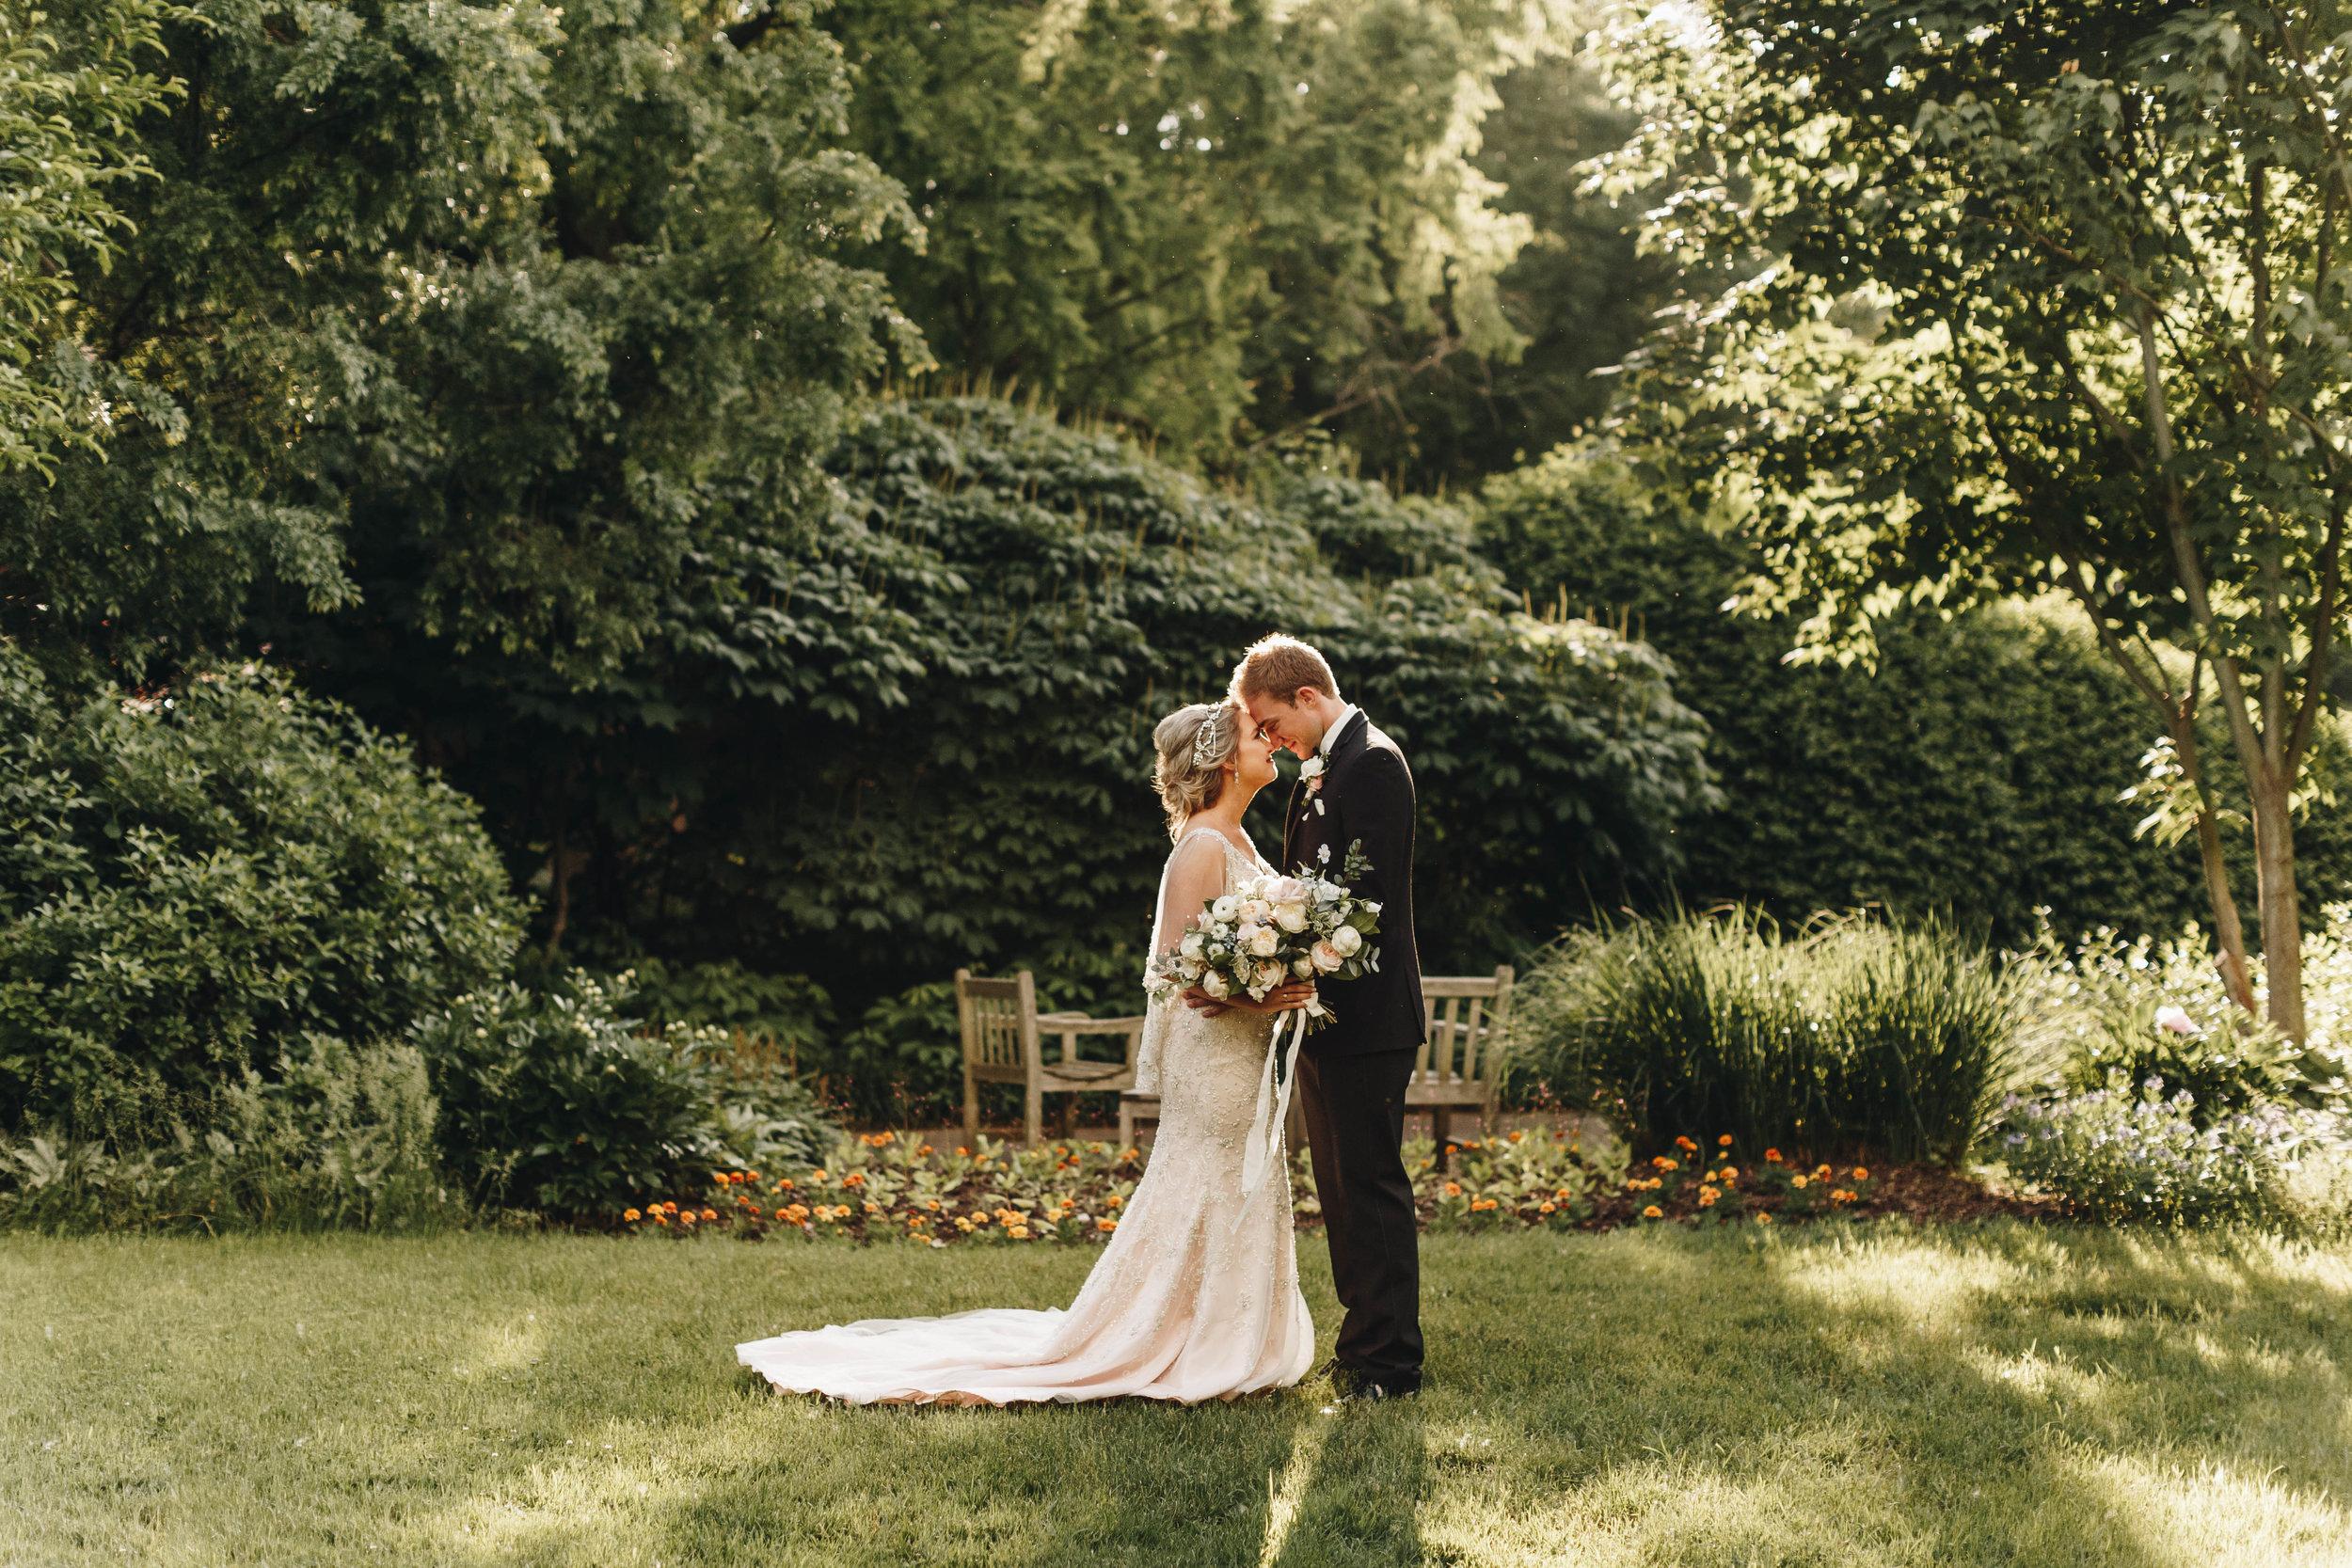 Cincinnati+wedding+photographer-47.jpeg